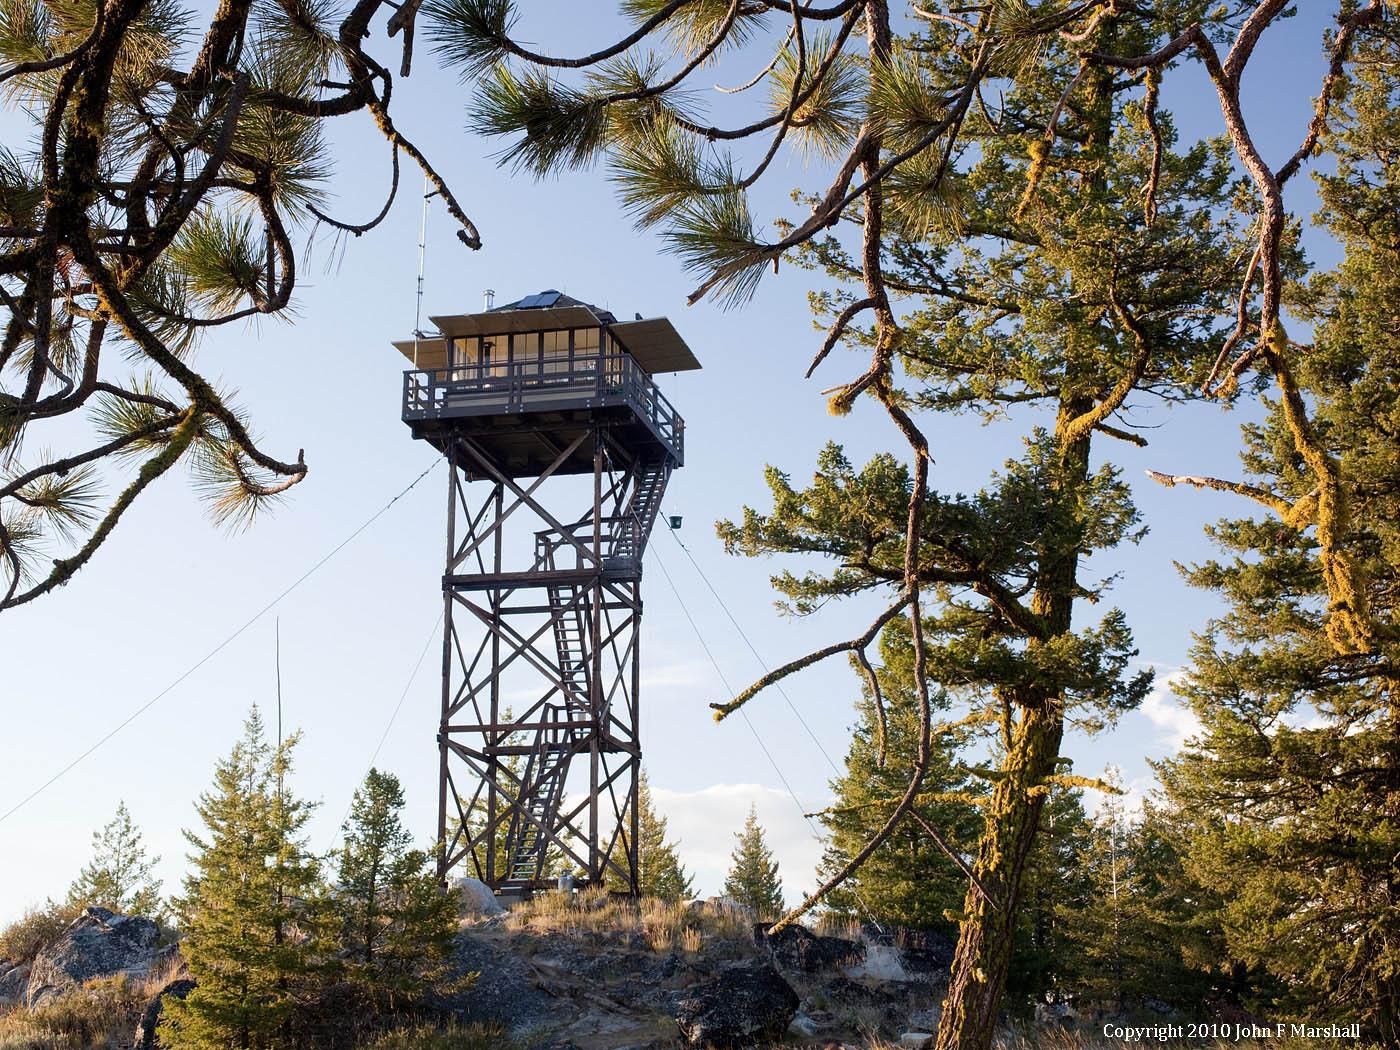 Leecher Mountain Lookout in 2010.